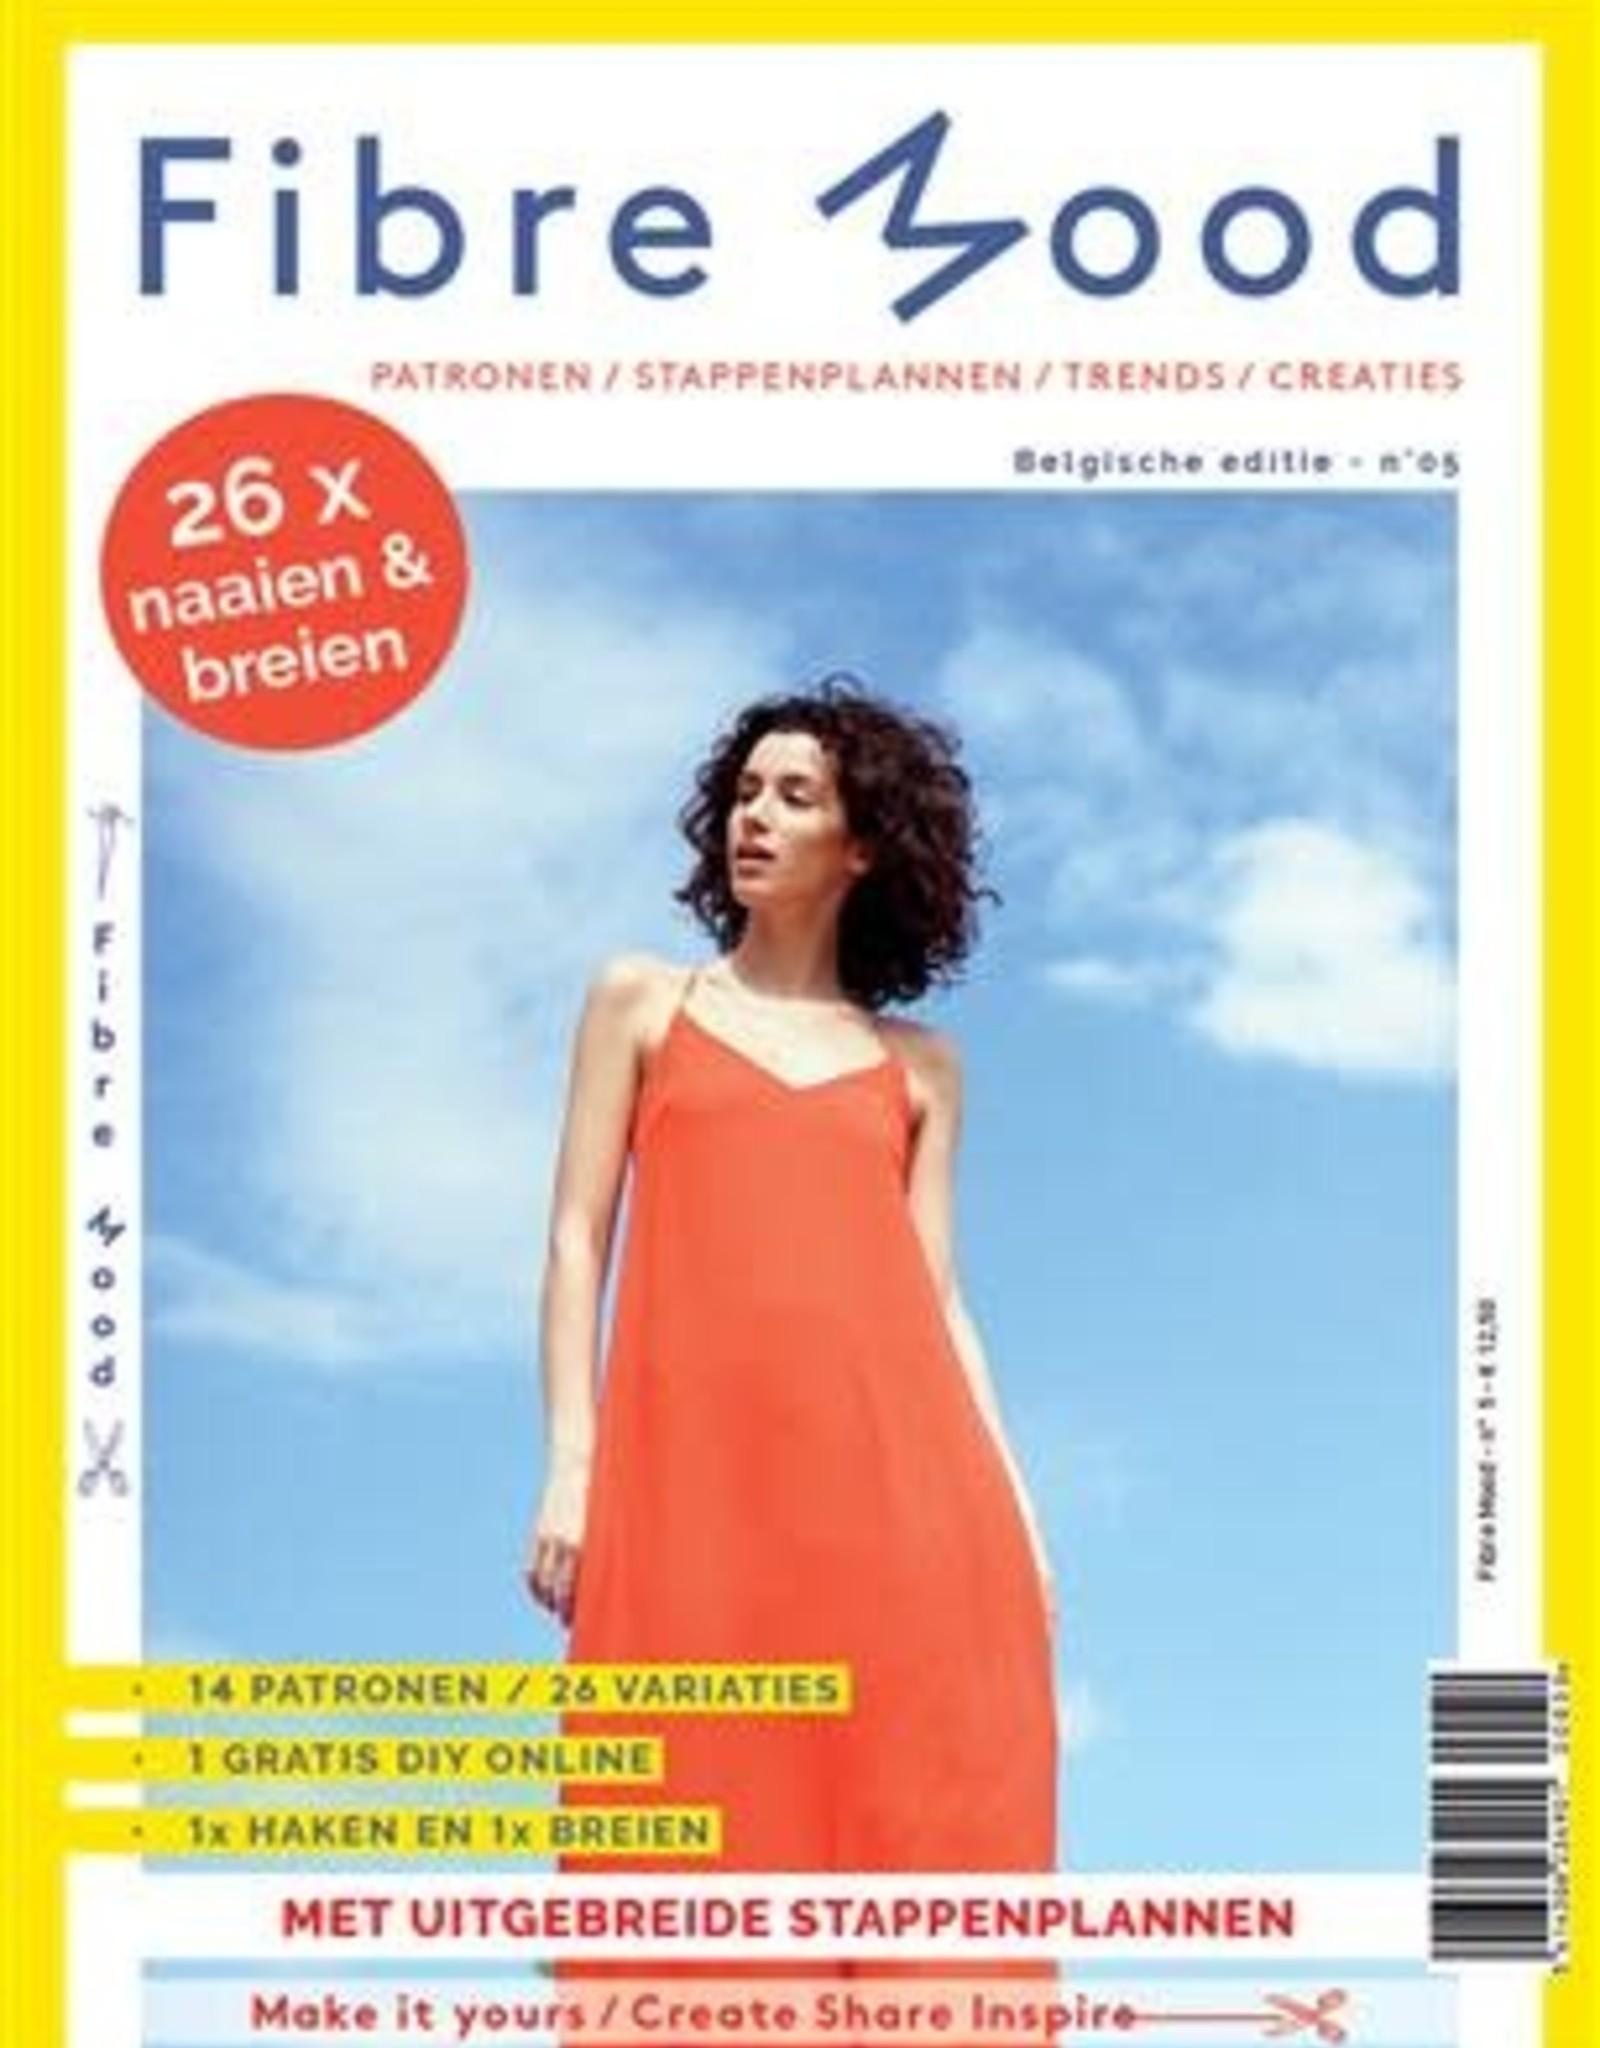 Fibre Mood Fibre Mood magazine editie 5